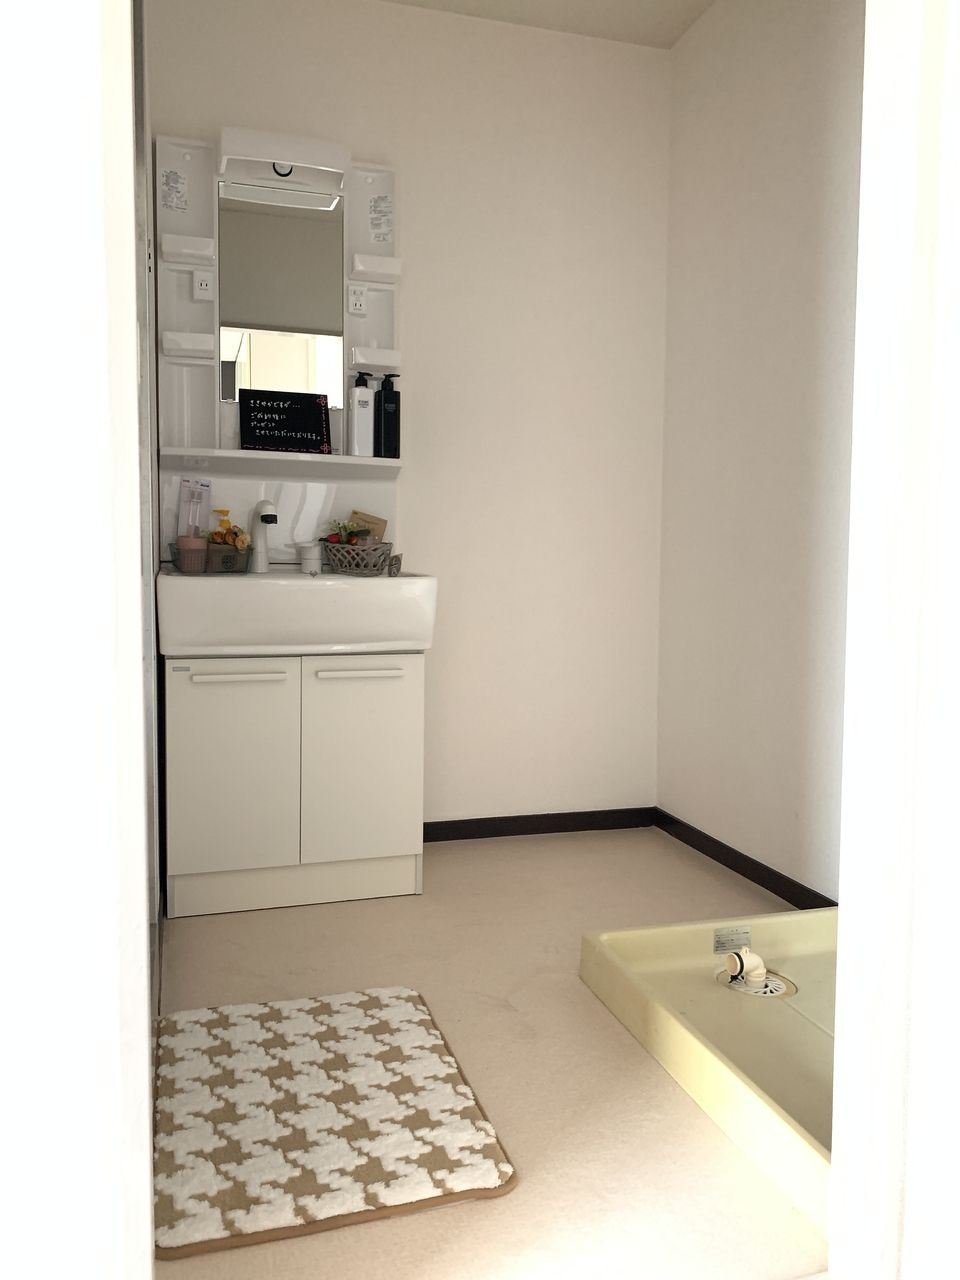 ハイツ富士401号室洗面台の写真です